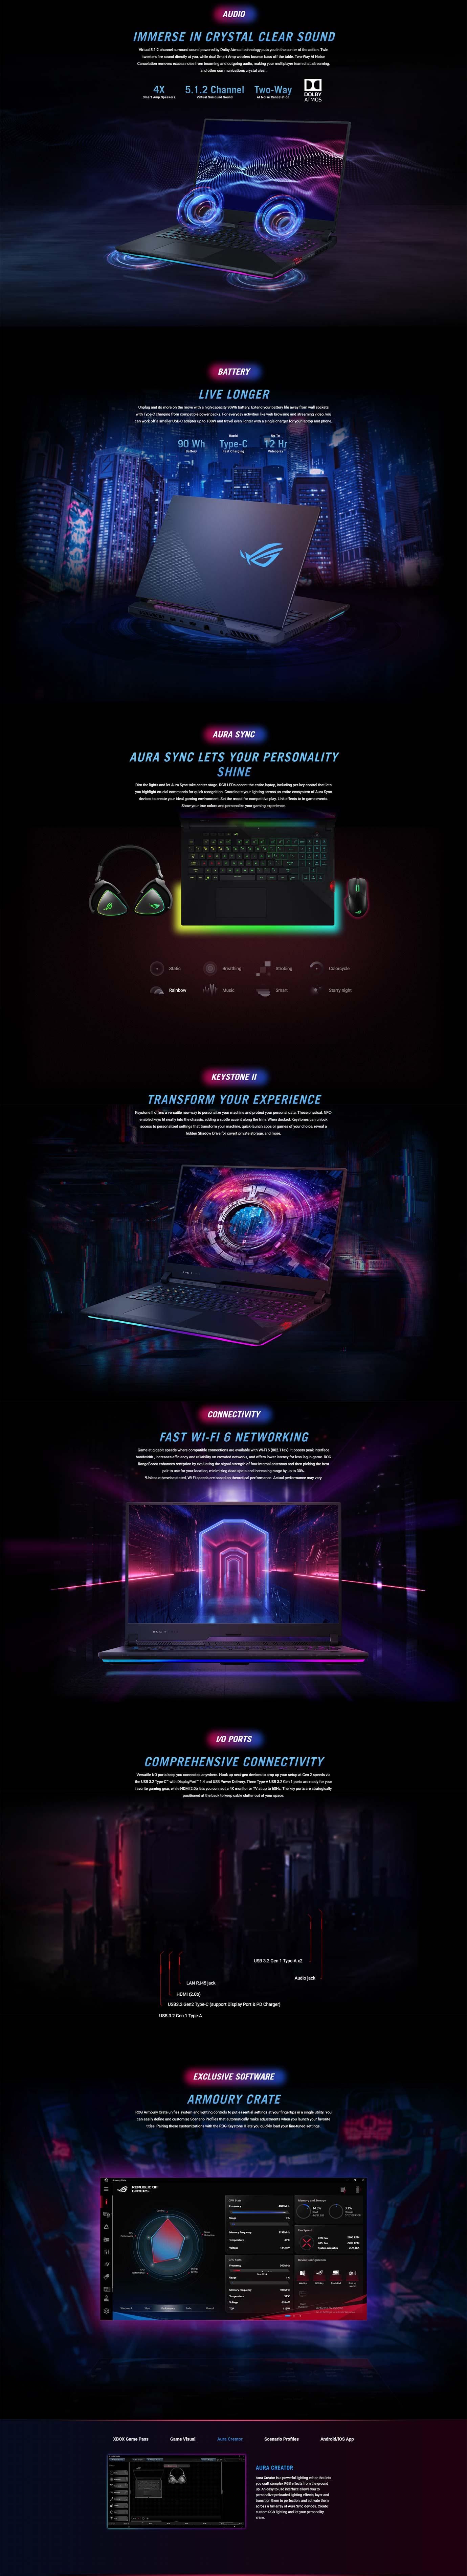 Asus ROG Strix SCAR 17 G733 Laptop